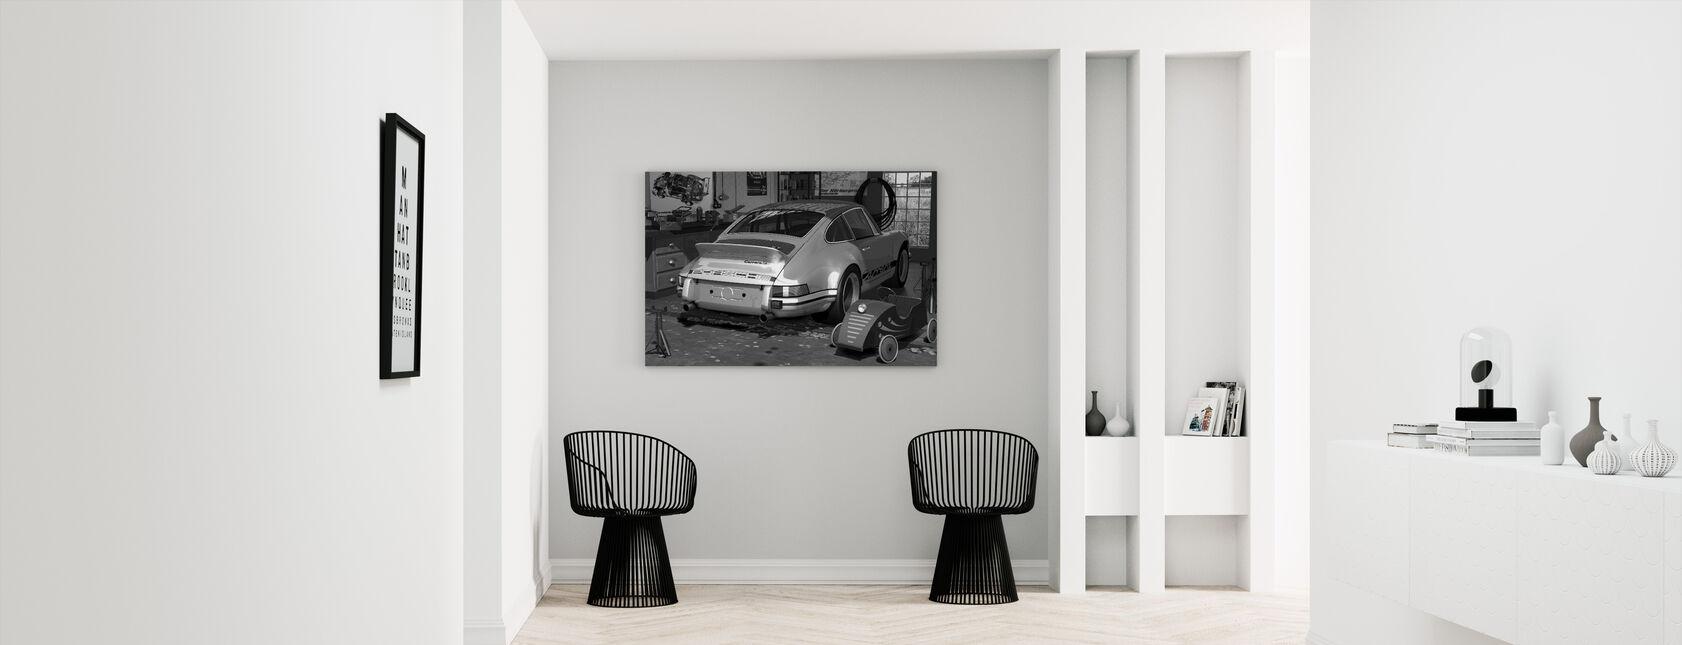 Min første og anden bil - BW - Billede på lærred - Entré